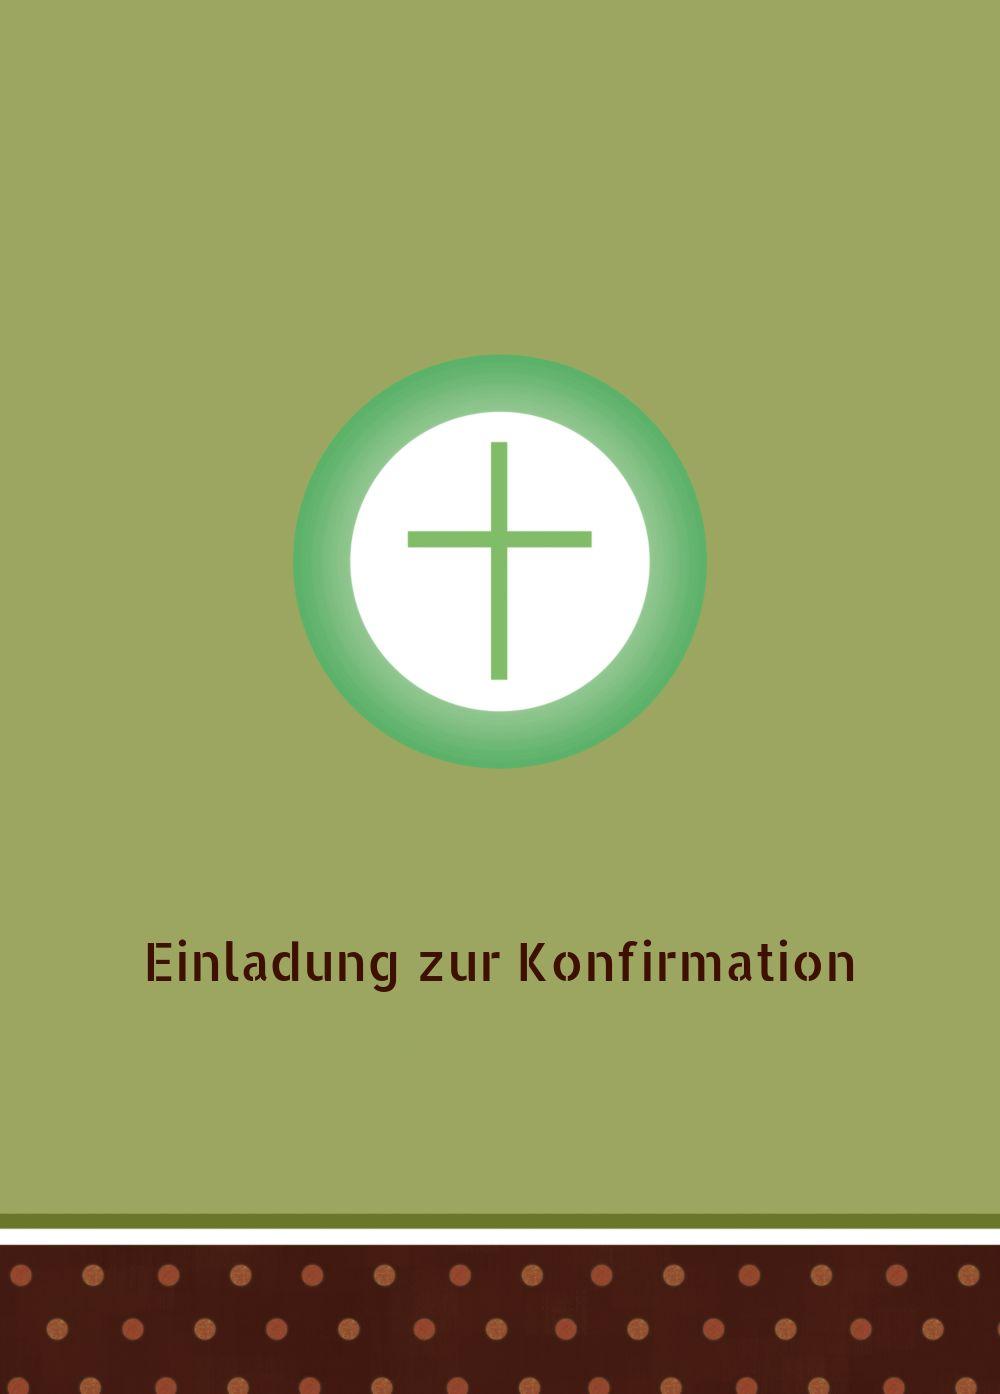 Ansicht 2 - Konfirmation Einladungskarte Kreuzhostie